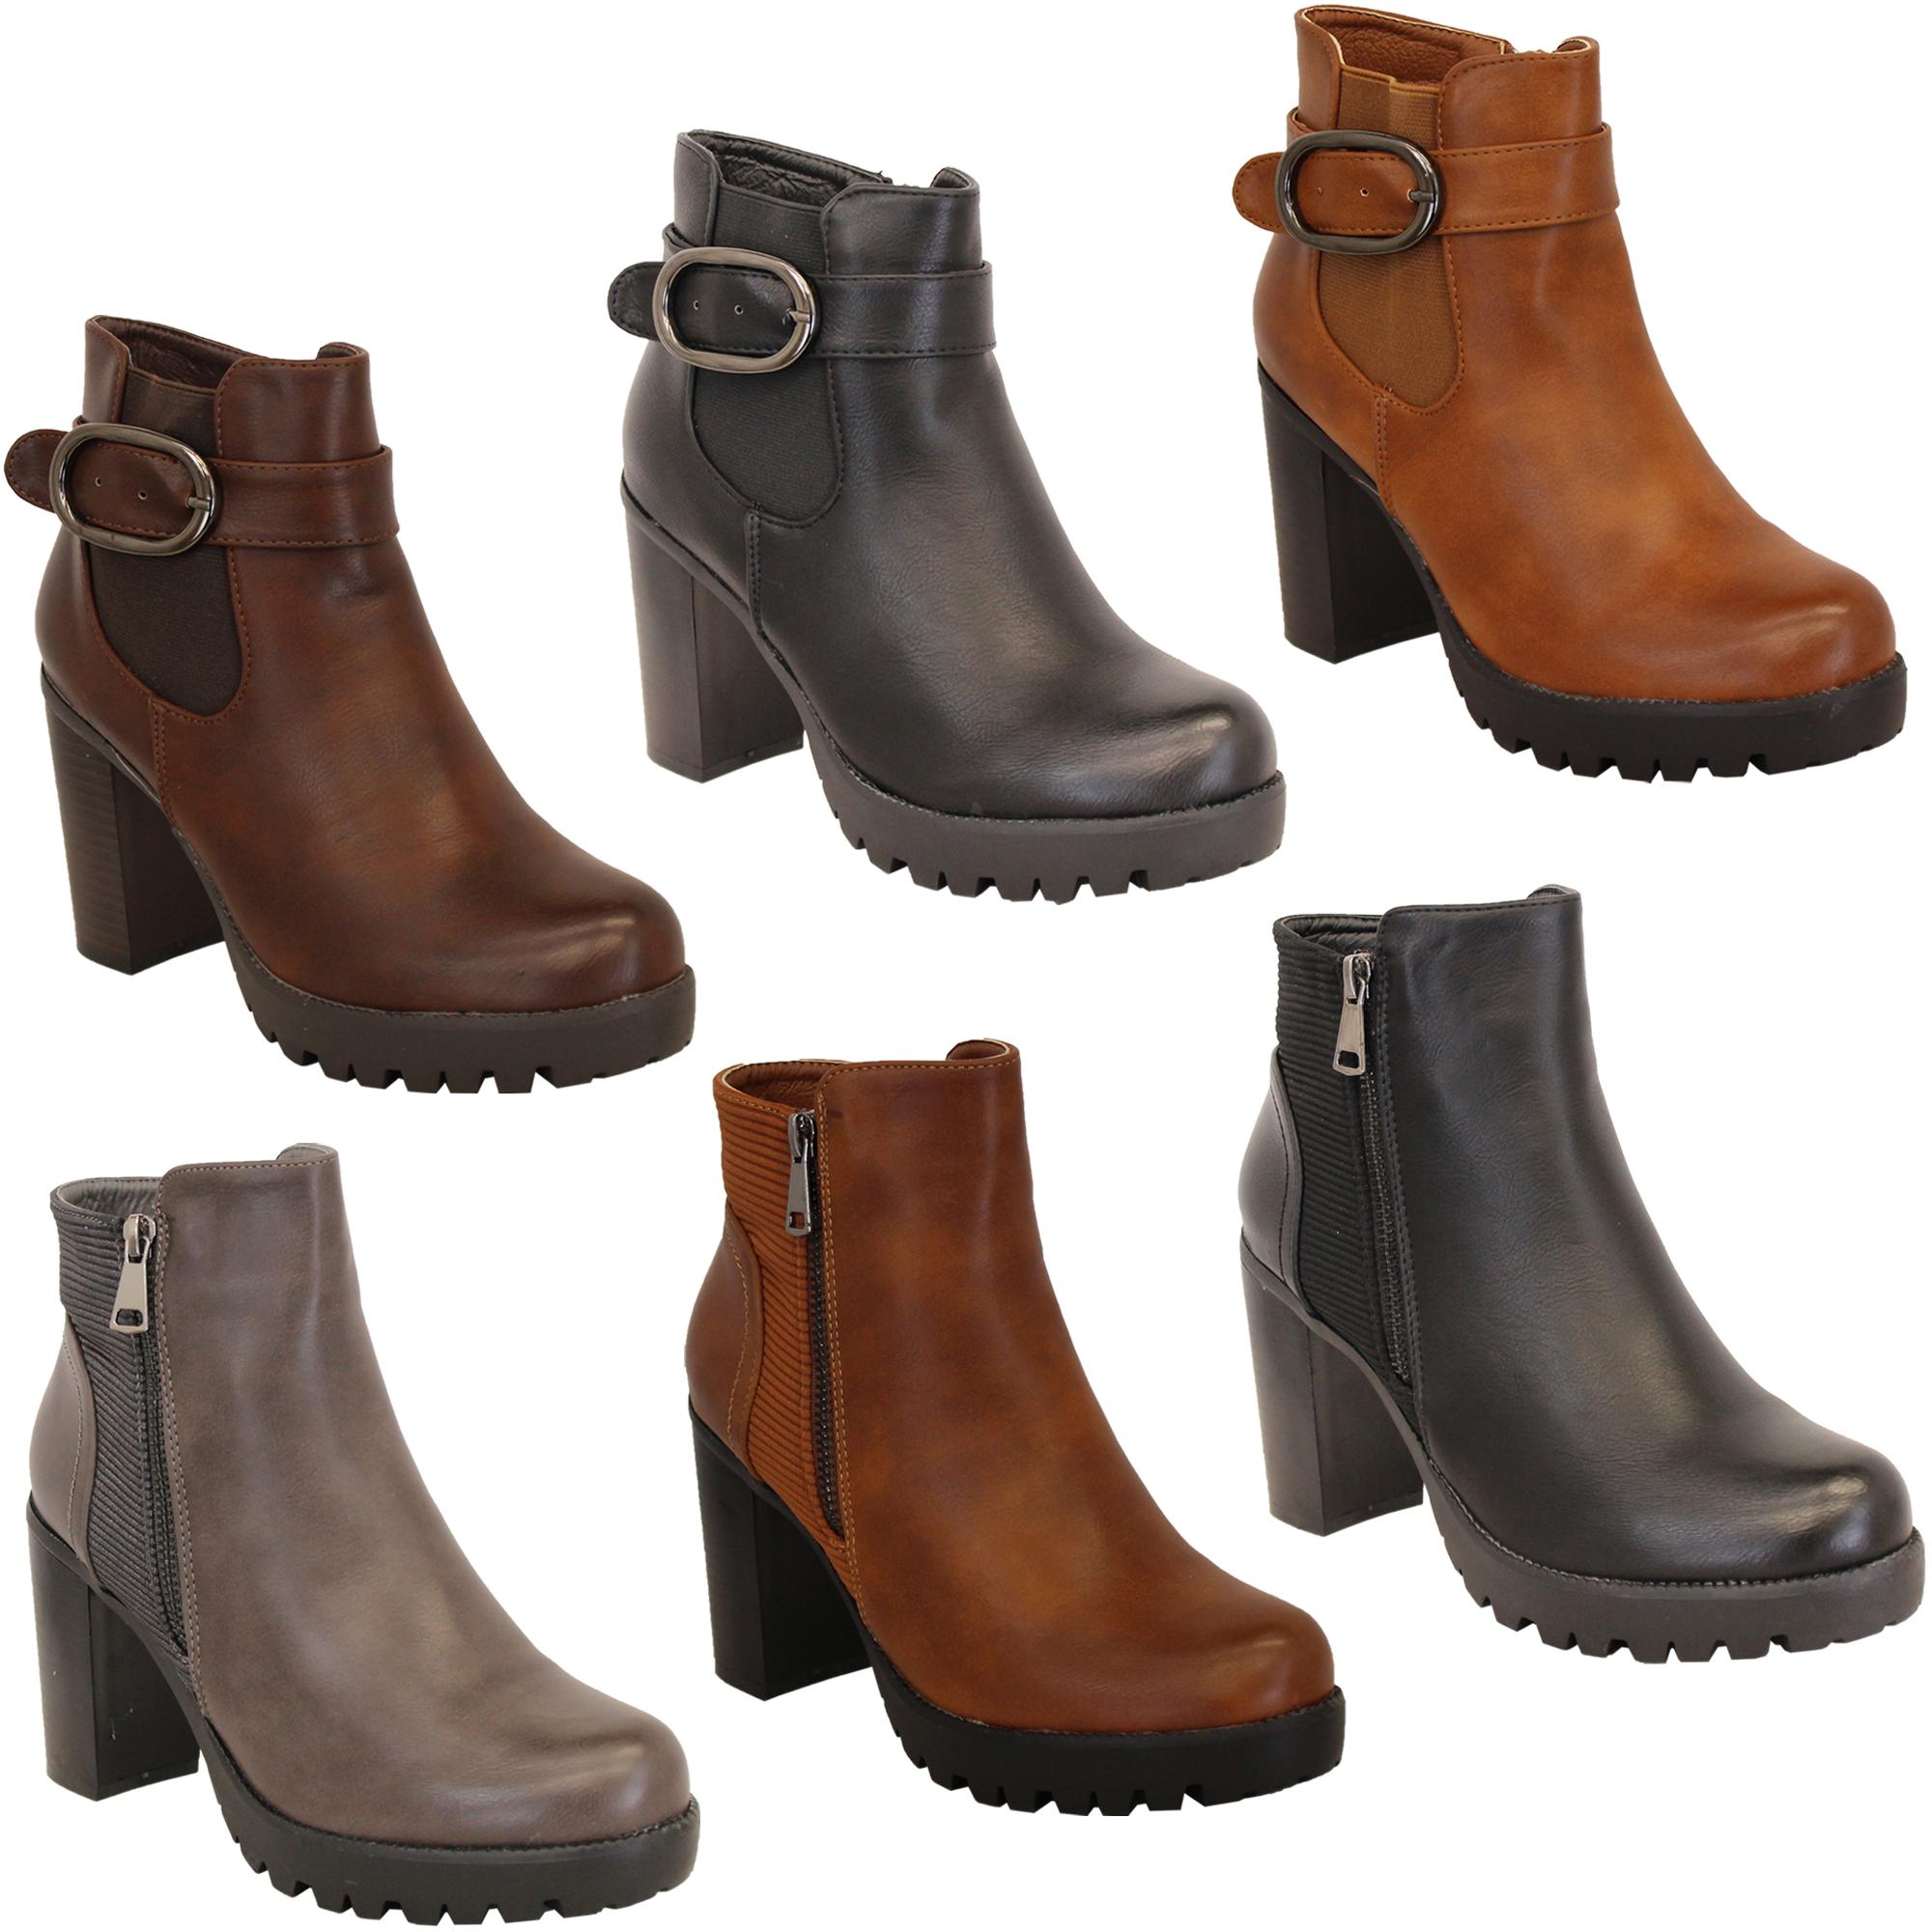 zapatos para correr buena calidad última moda Detalles de Bota Tipo Chelsea para Dama Mujer Cowboy Biker Plataforma  Bloque Tobillo Militar